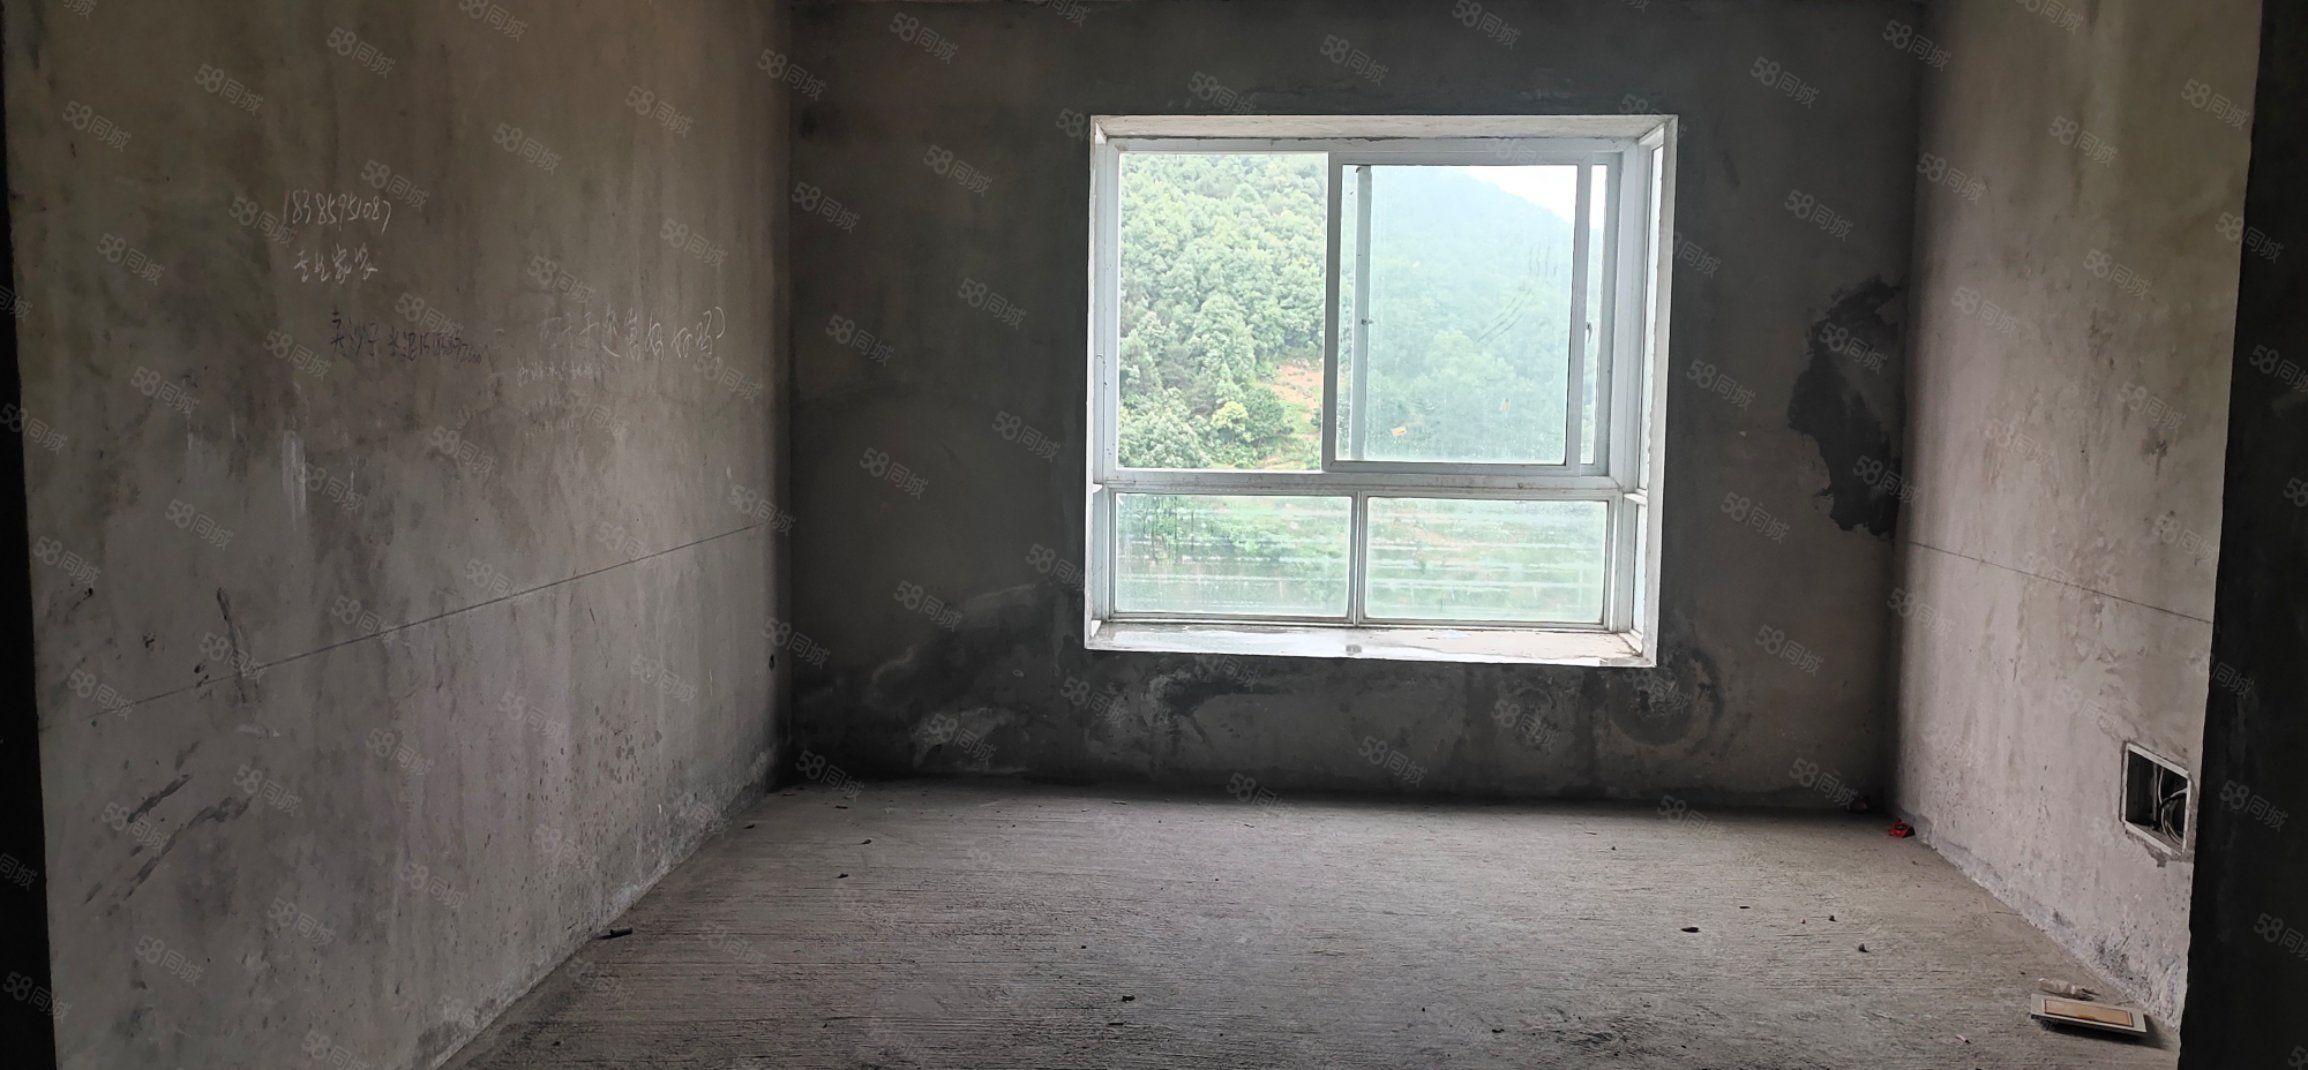 河西苑毛坯房出售,俯瞰城市风光,可支?#32844;?#25581;